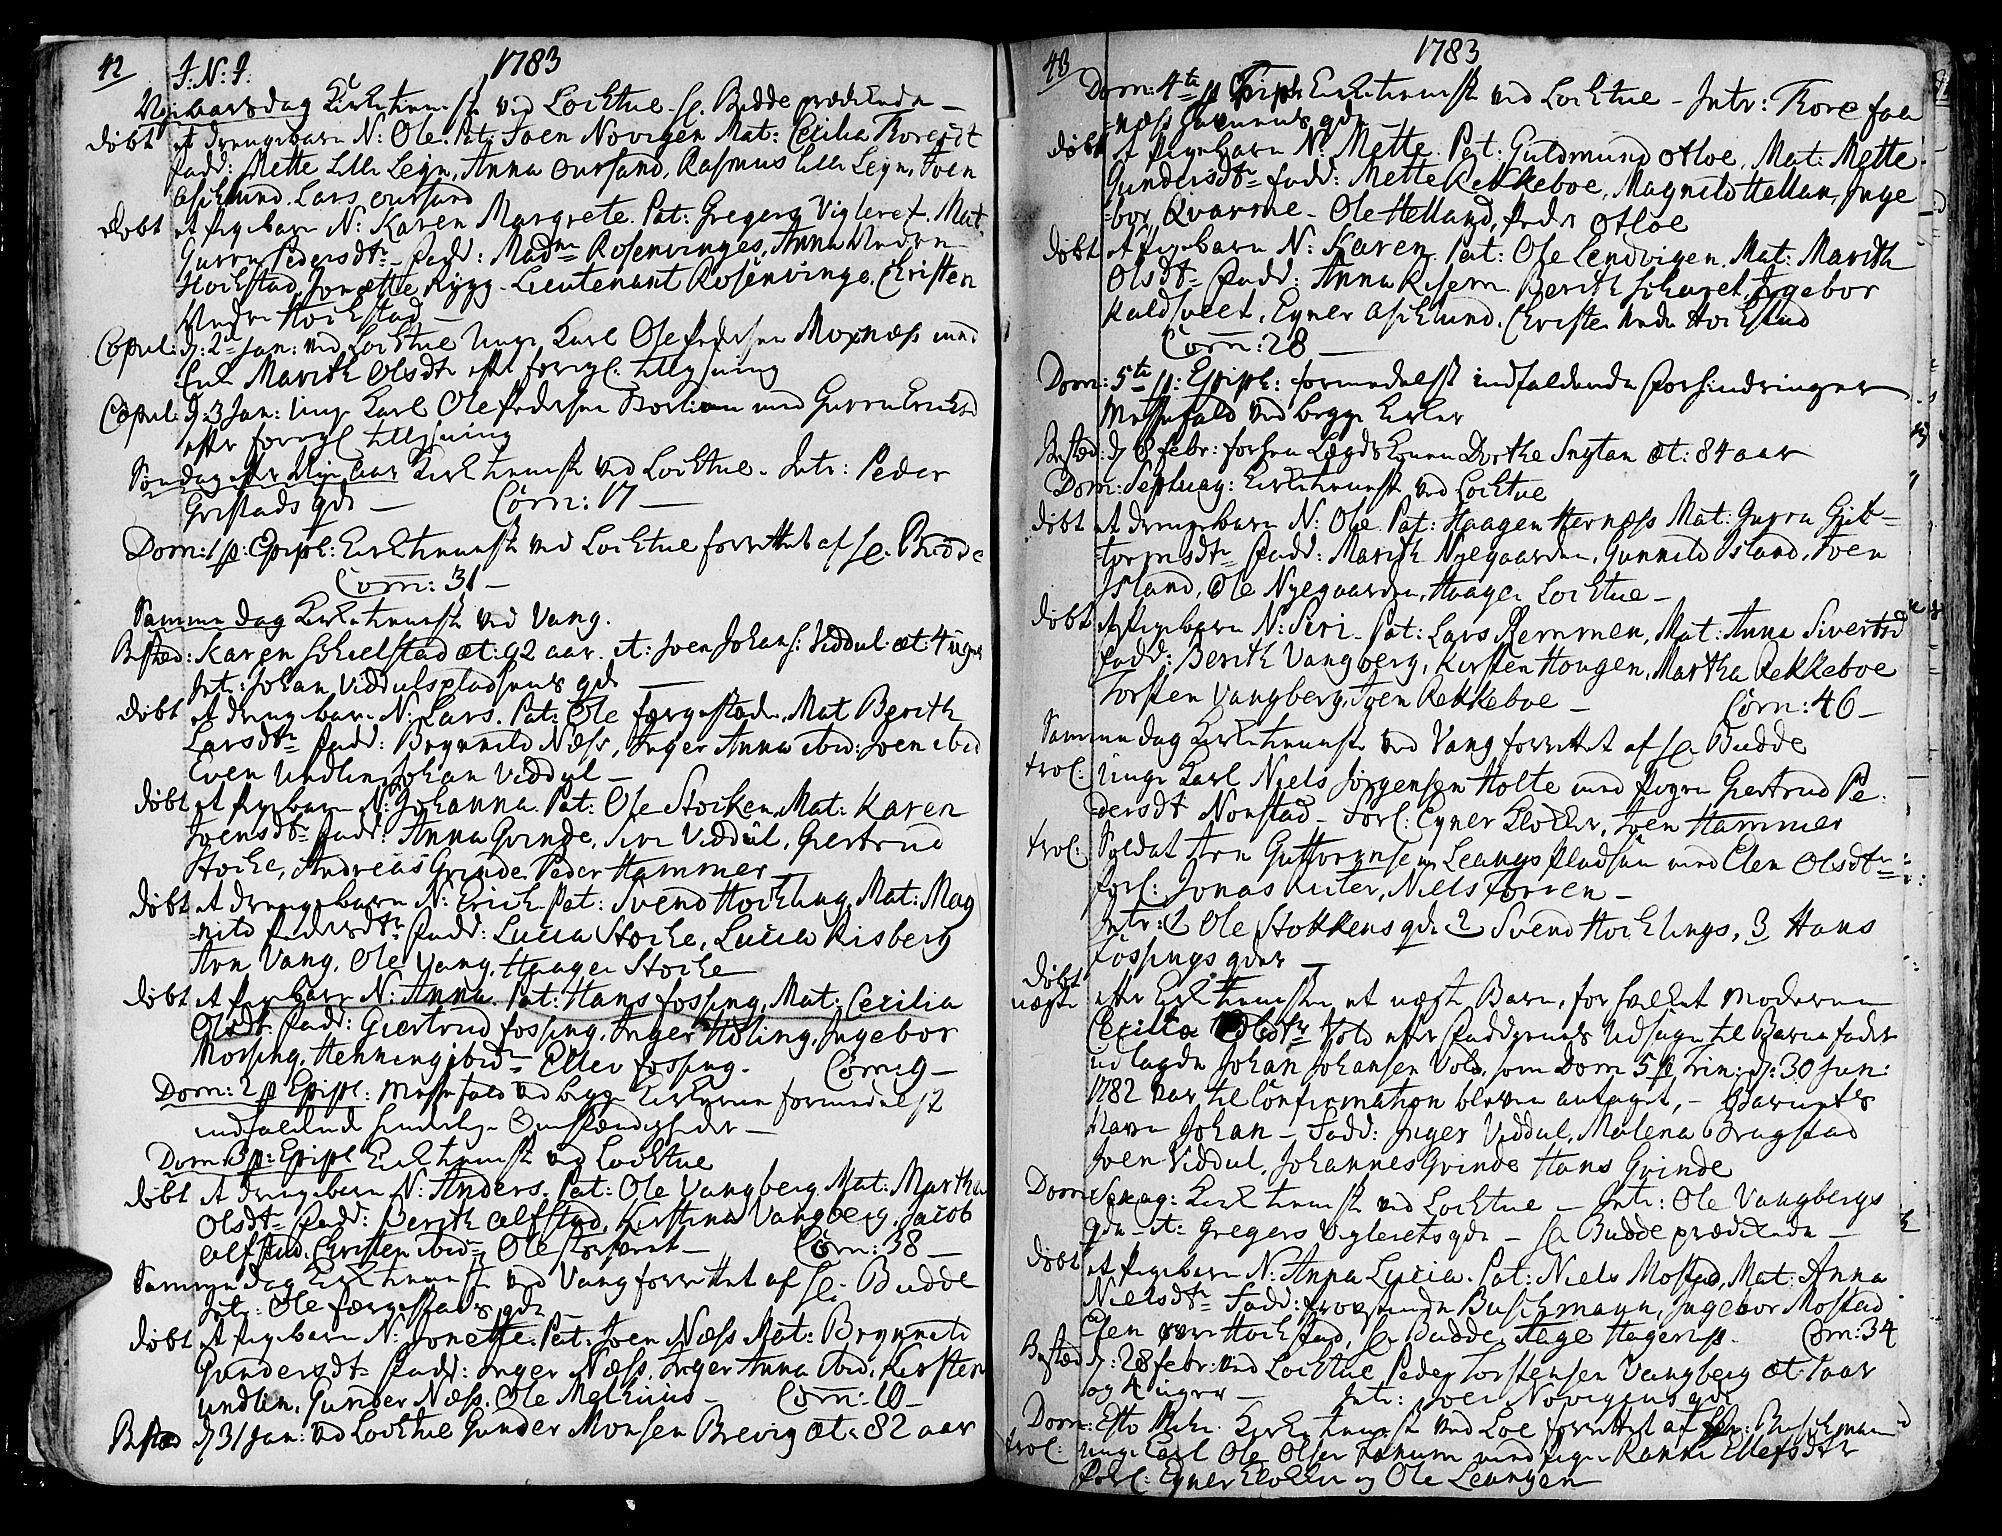 SAT, Ministerialprotokoller, klokkerbøker og fødselsregistre - Nord-Trøndelag, 713/L0110: Ministerialbok nr. 713A02, 1778-1811, s. 42-43